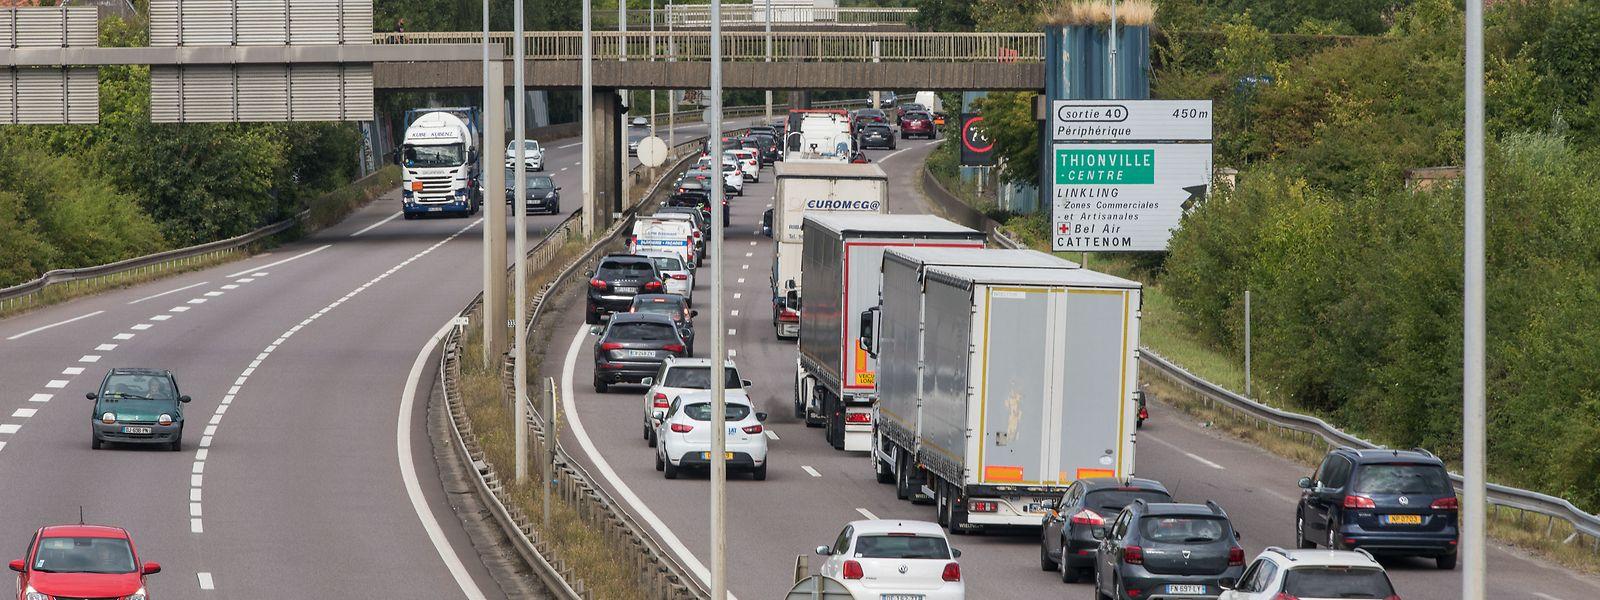 Selon les estimations du sénateur Olivier Jacquin, l'introduction de l'écotaxe en Alsace en 2024 pourrait aboutir au transfert de 4.000 poids lourds supplémentaires sur l'A31.